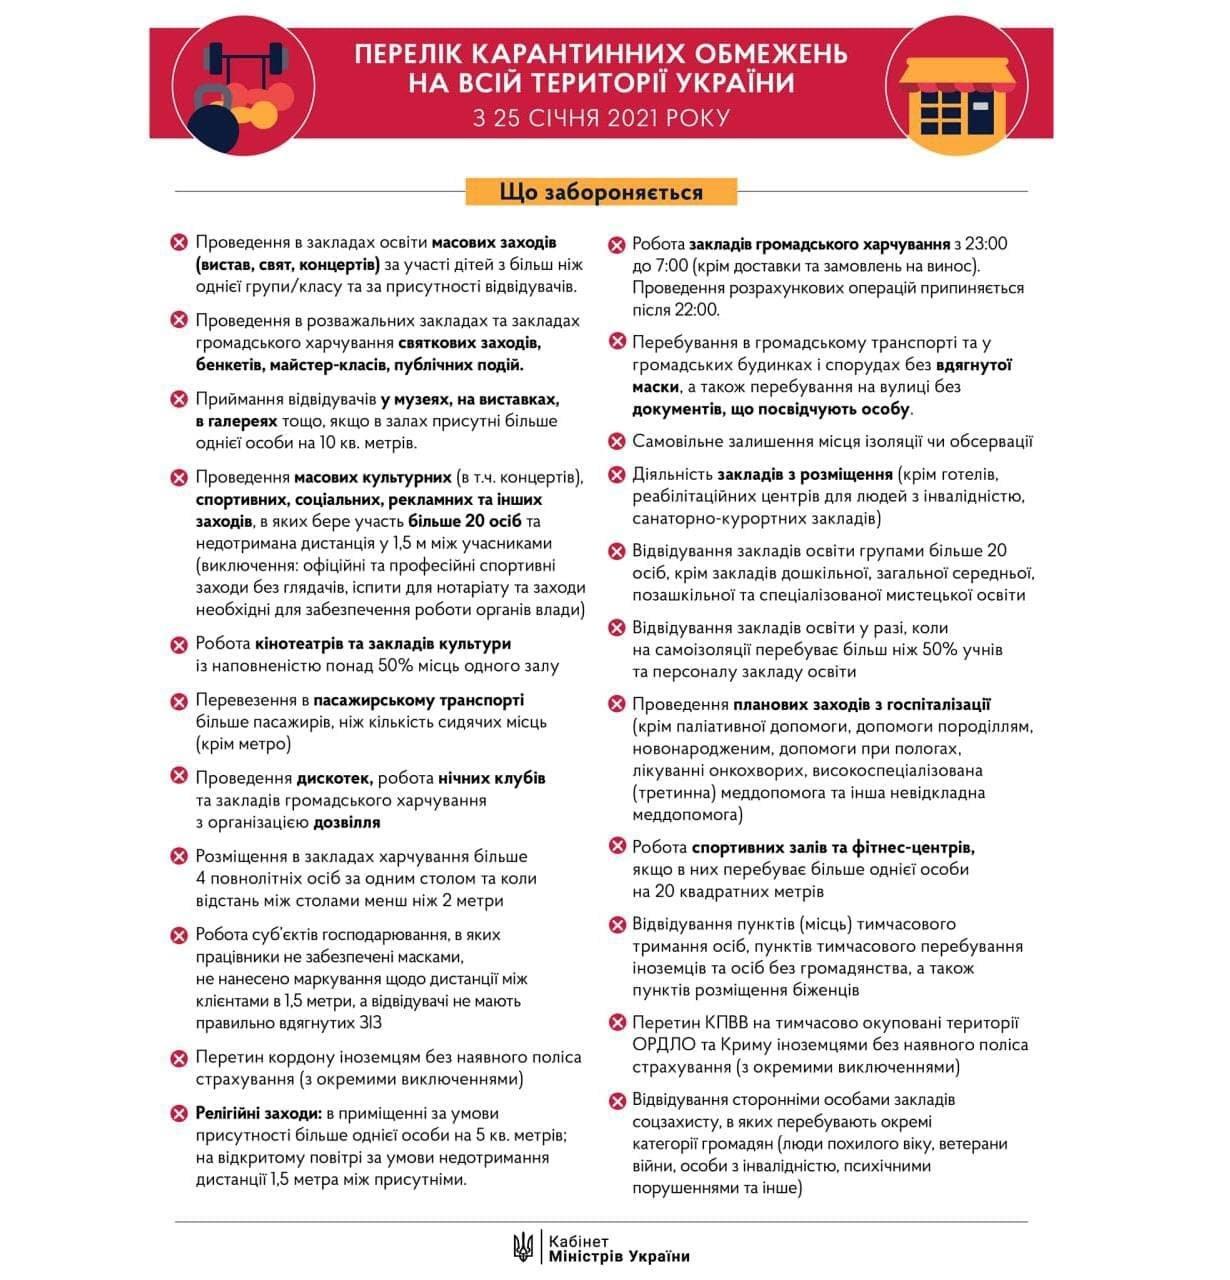 Які обмеження діятимуть у Кам'янці-Подільському з 25 січня?, фото-1